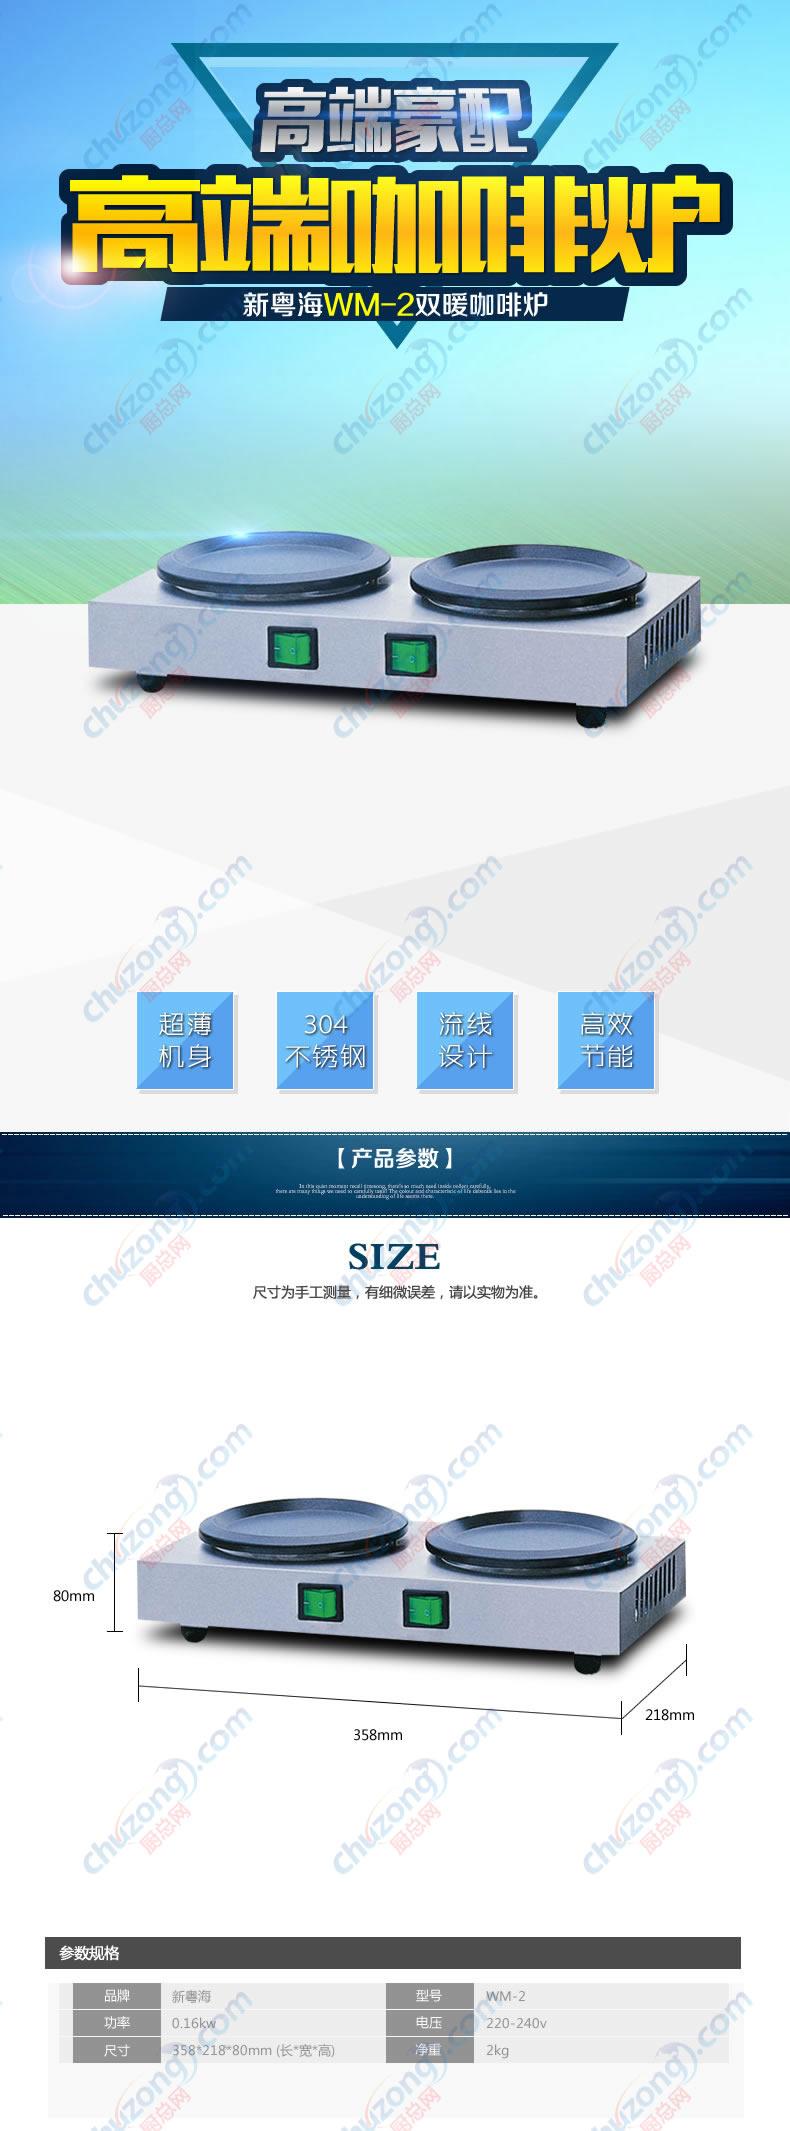 粵海雙暖咖啡爐